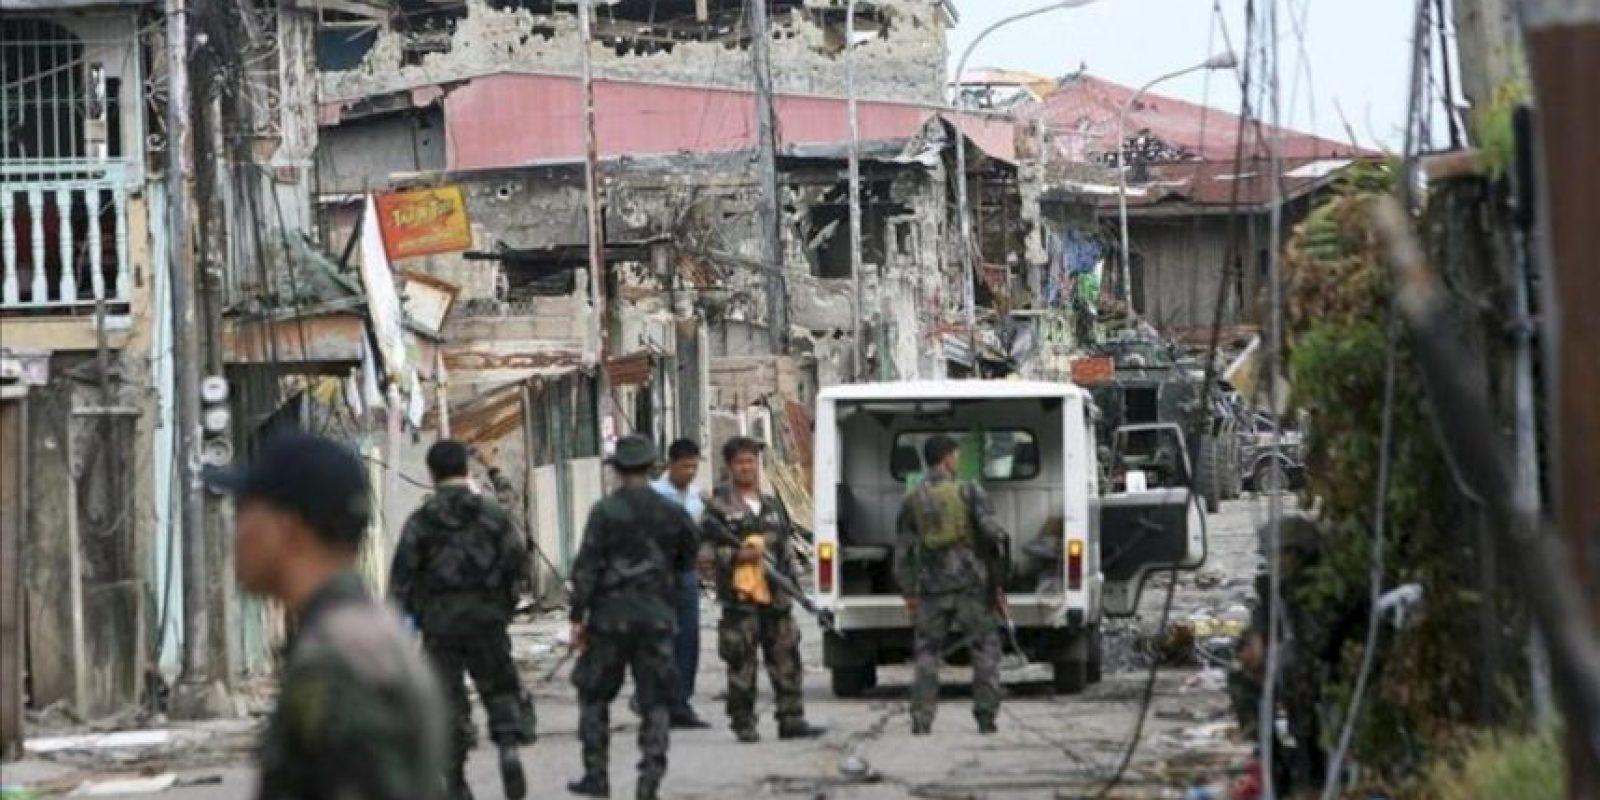 Numerosos soldados filipinos participan en una operación de registro e inspección de la ciudad de Zamboanga, en el sur de Filipinas. EFE